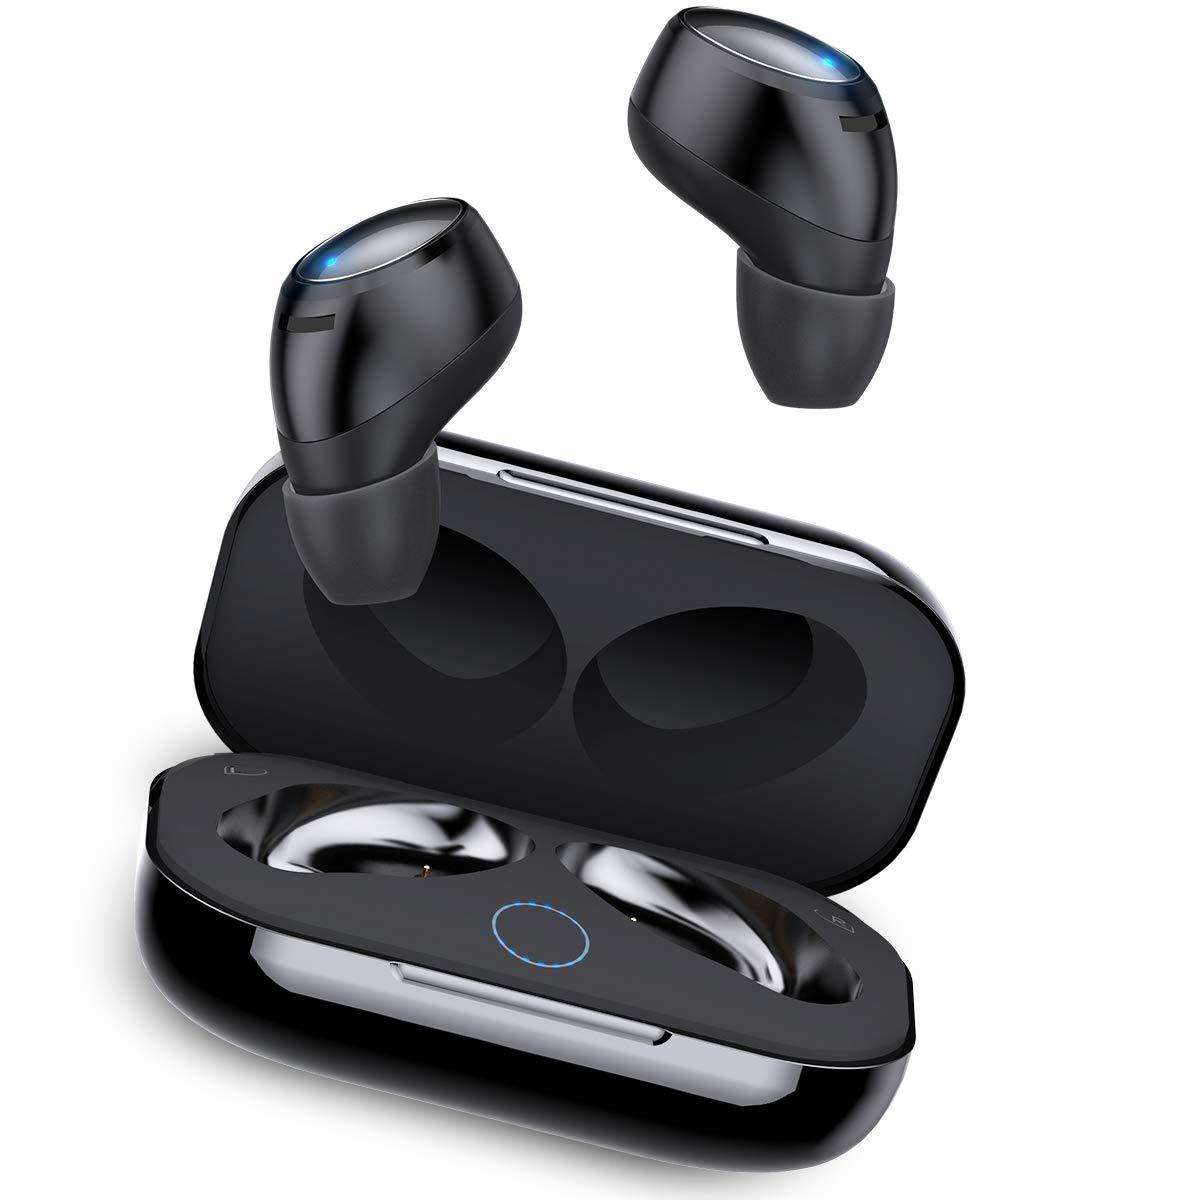 Auriculares Bluetooth In-Ear, Rock Mini Twins Estéreo Hi-Fi Manos Libres Auricular Deportivos Inalámbricos IPX5 Cancelación Ruido Micrófono Integrado con Caja de Carga para iPhone iOS Android